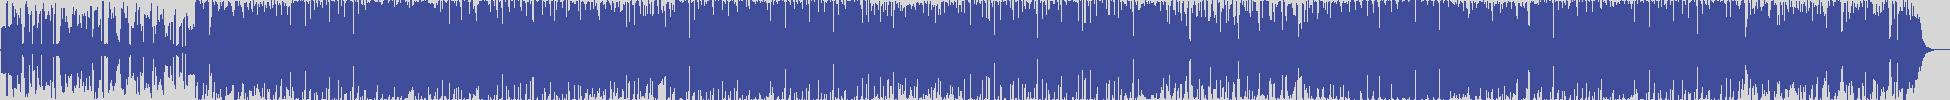 smilax_dig_records [SDR001] La Reina Y El Rey - Mas Loco Que Tu [Original Mix] audio wave form